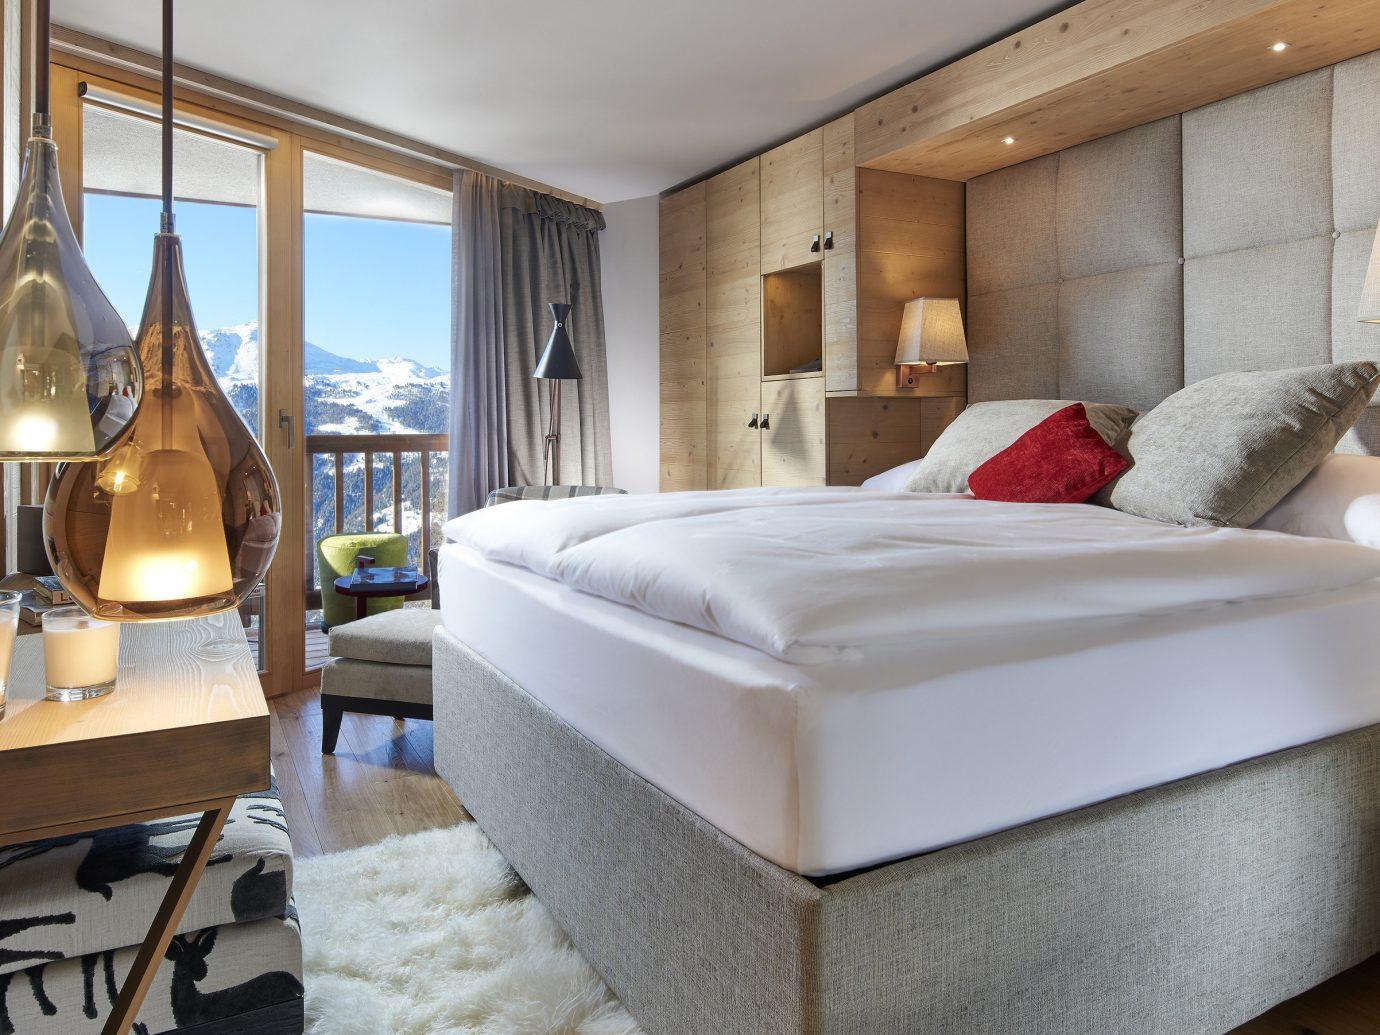 Boutique Hotels Hotels Outdoors + Adventure Winter indoor floor bed room Suite interior design Bedroom bed frame ceiling hotel interior designer